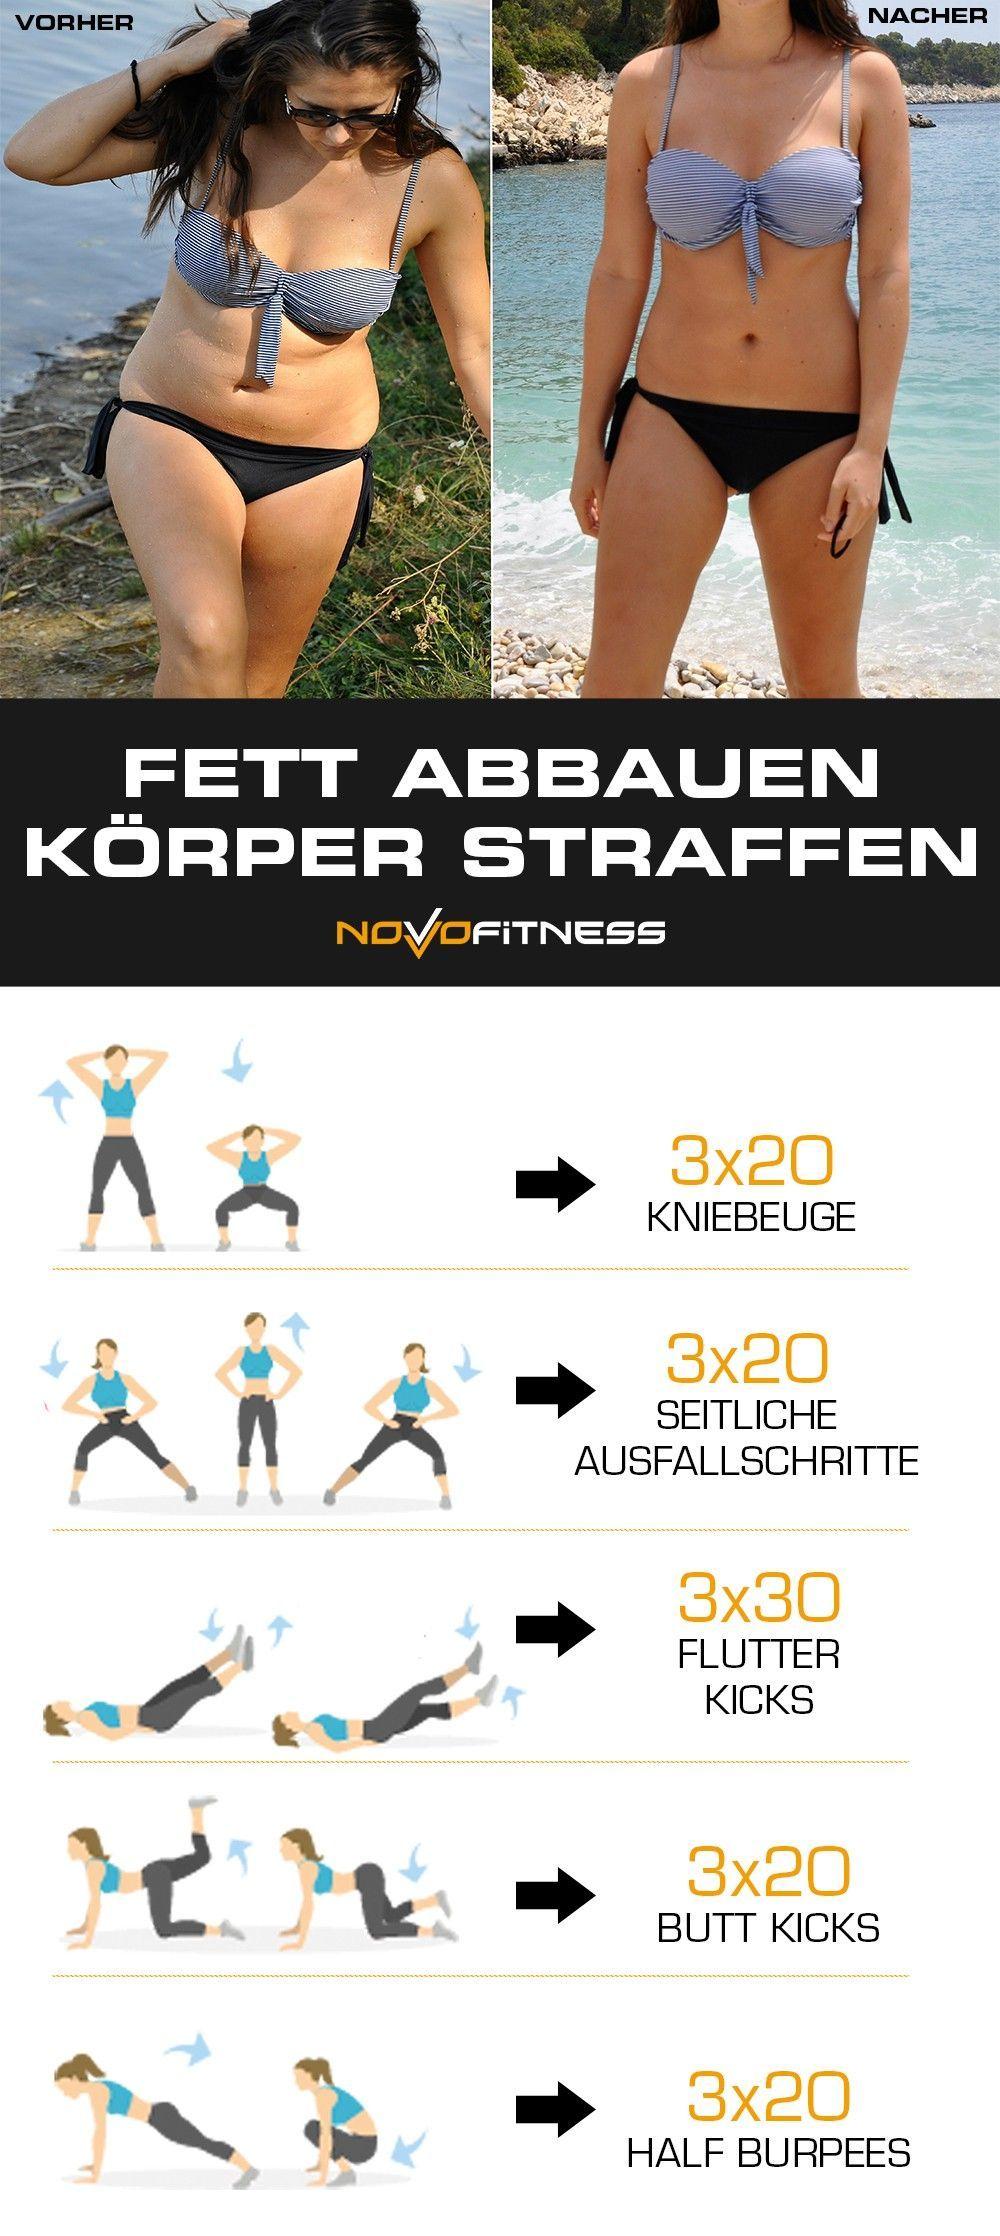 Fett abbauen und den Körper straffen #my-blog #und #fitness-photoshoot #fitness-logo #fitness-pictur...